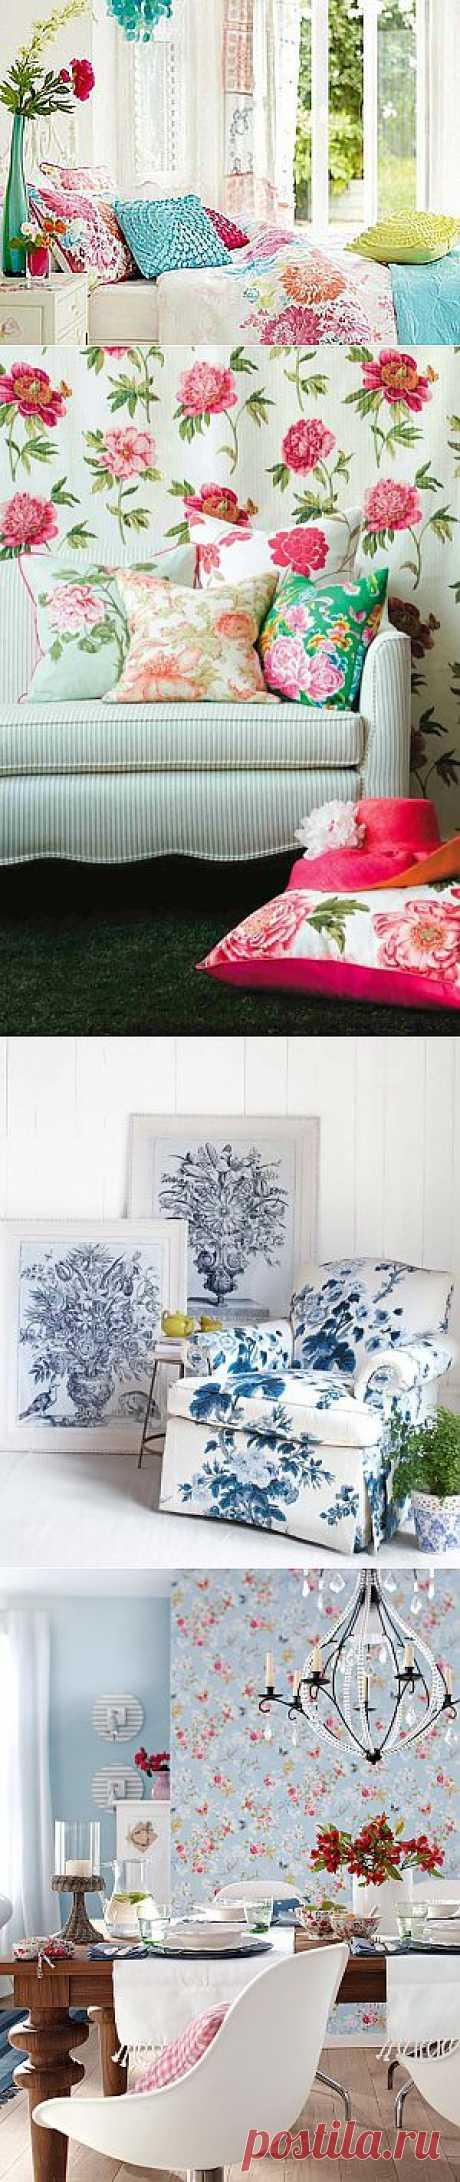 Цветочные мотивы в интерьере - Ярмарка Мастеров - ручная работа, handmade